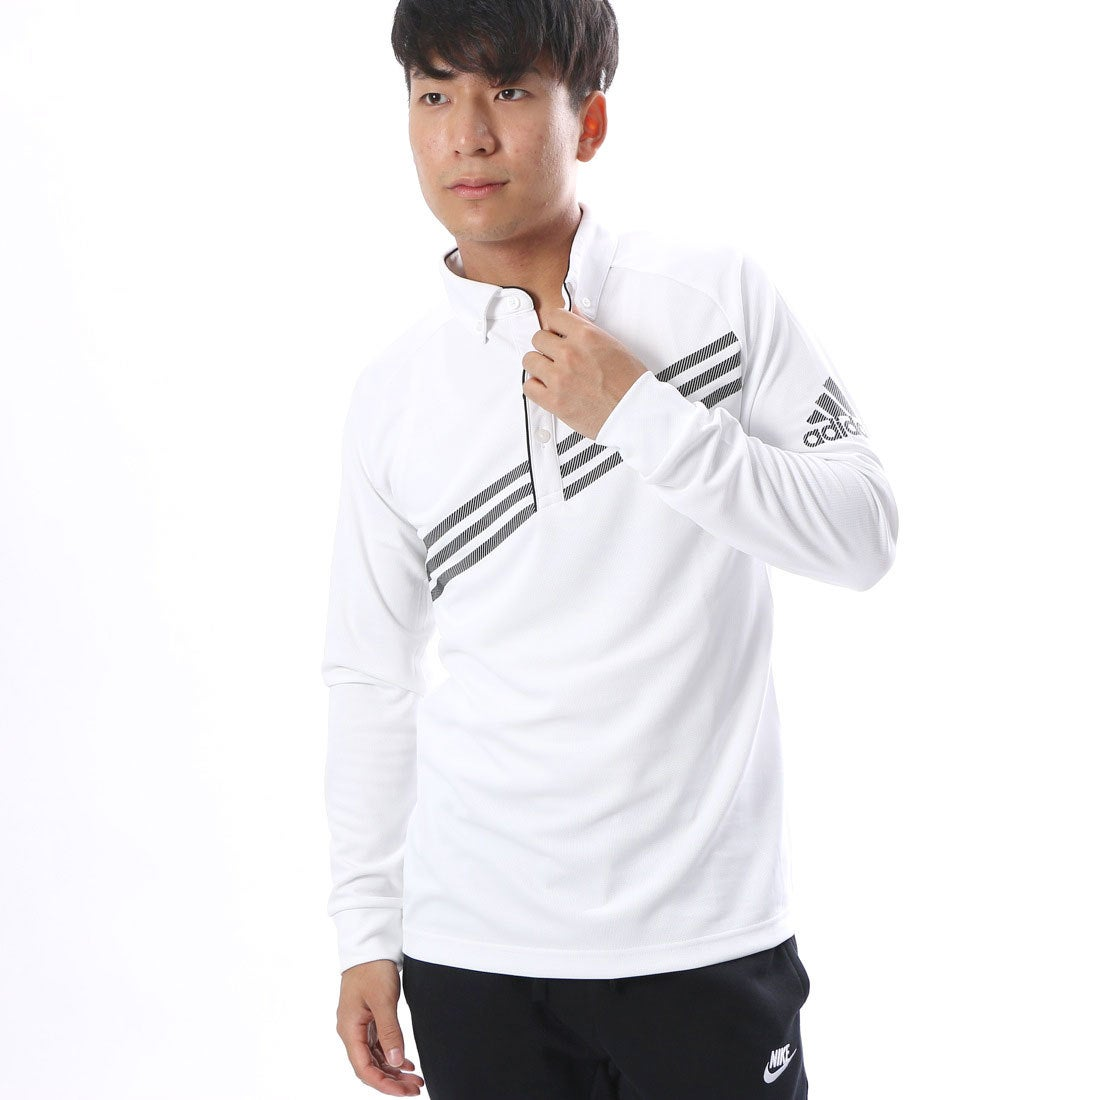 アディダス adidas メンズ ゴルフ 長袖ポロシャツ N68477 メンズ